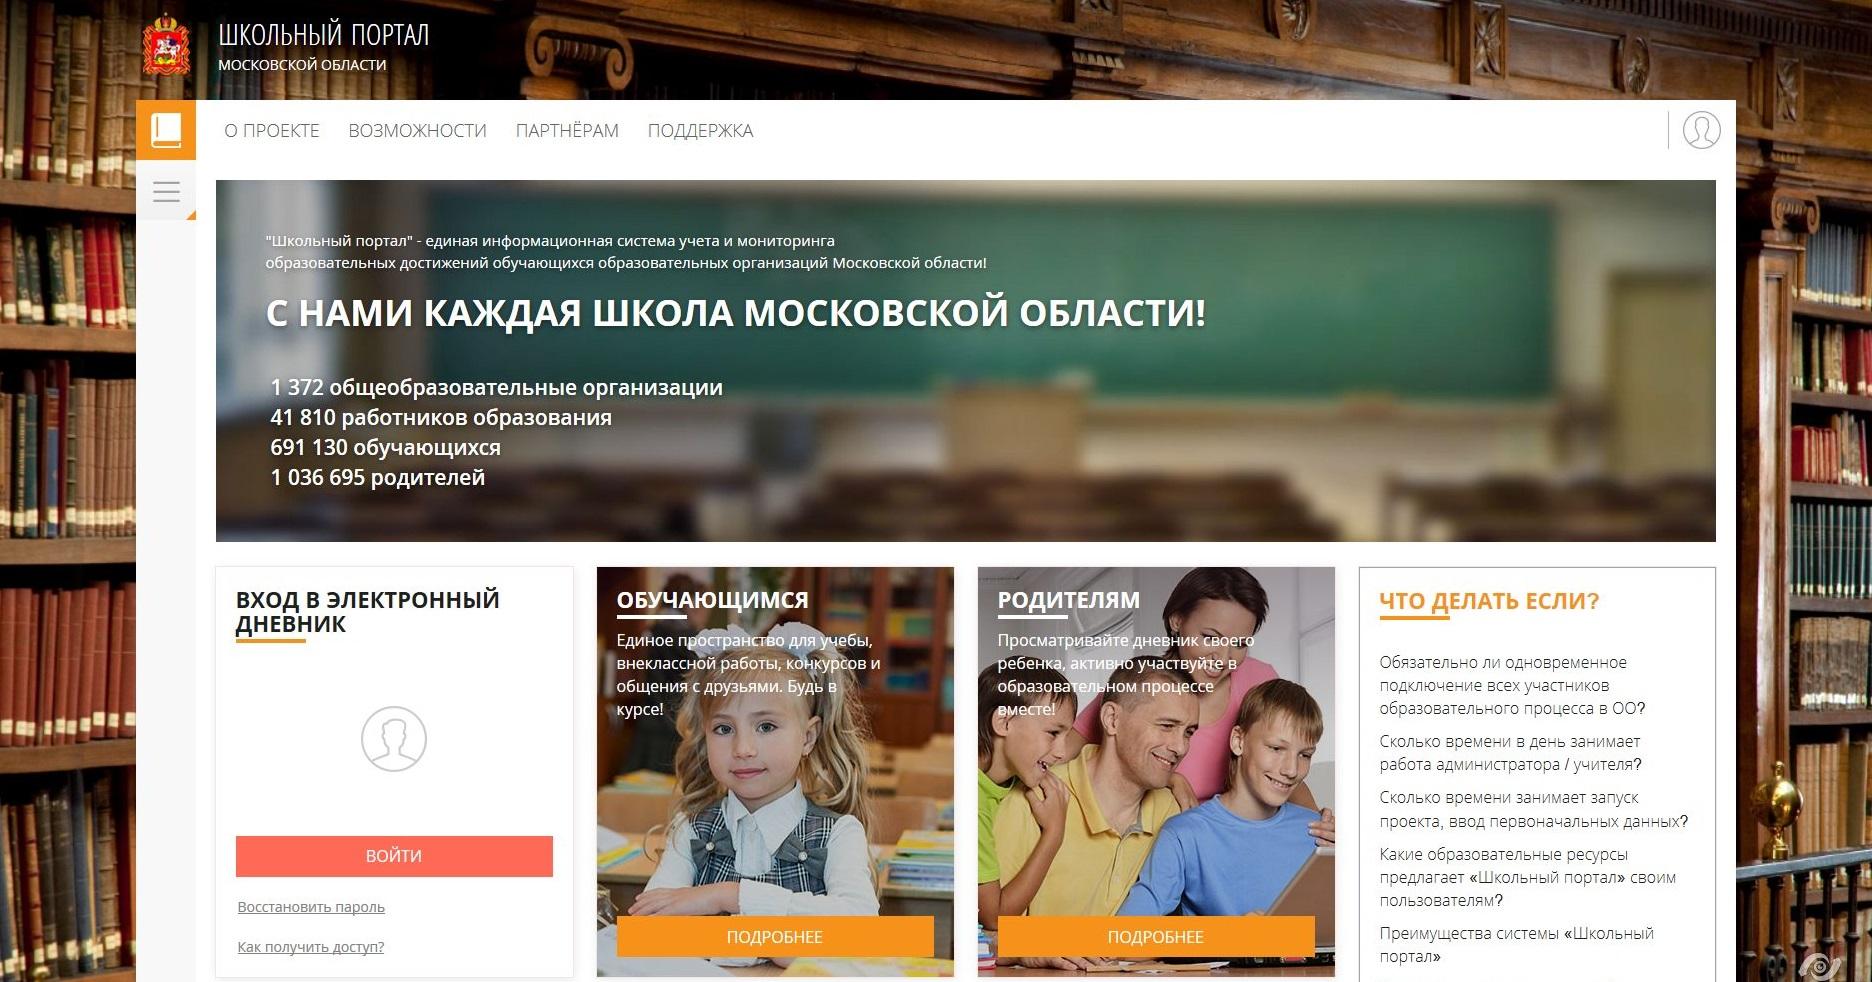 Школьный портал зарегистрировать ребенка